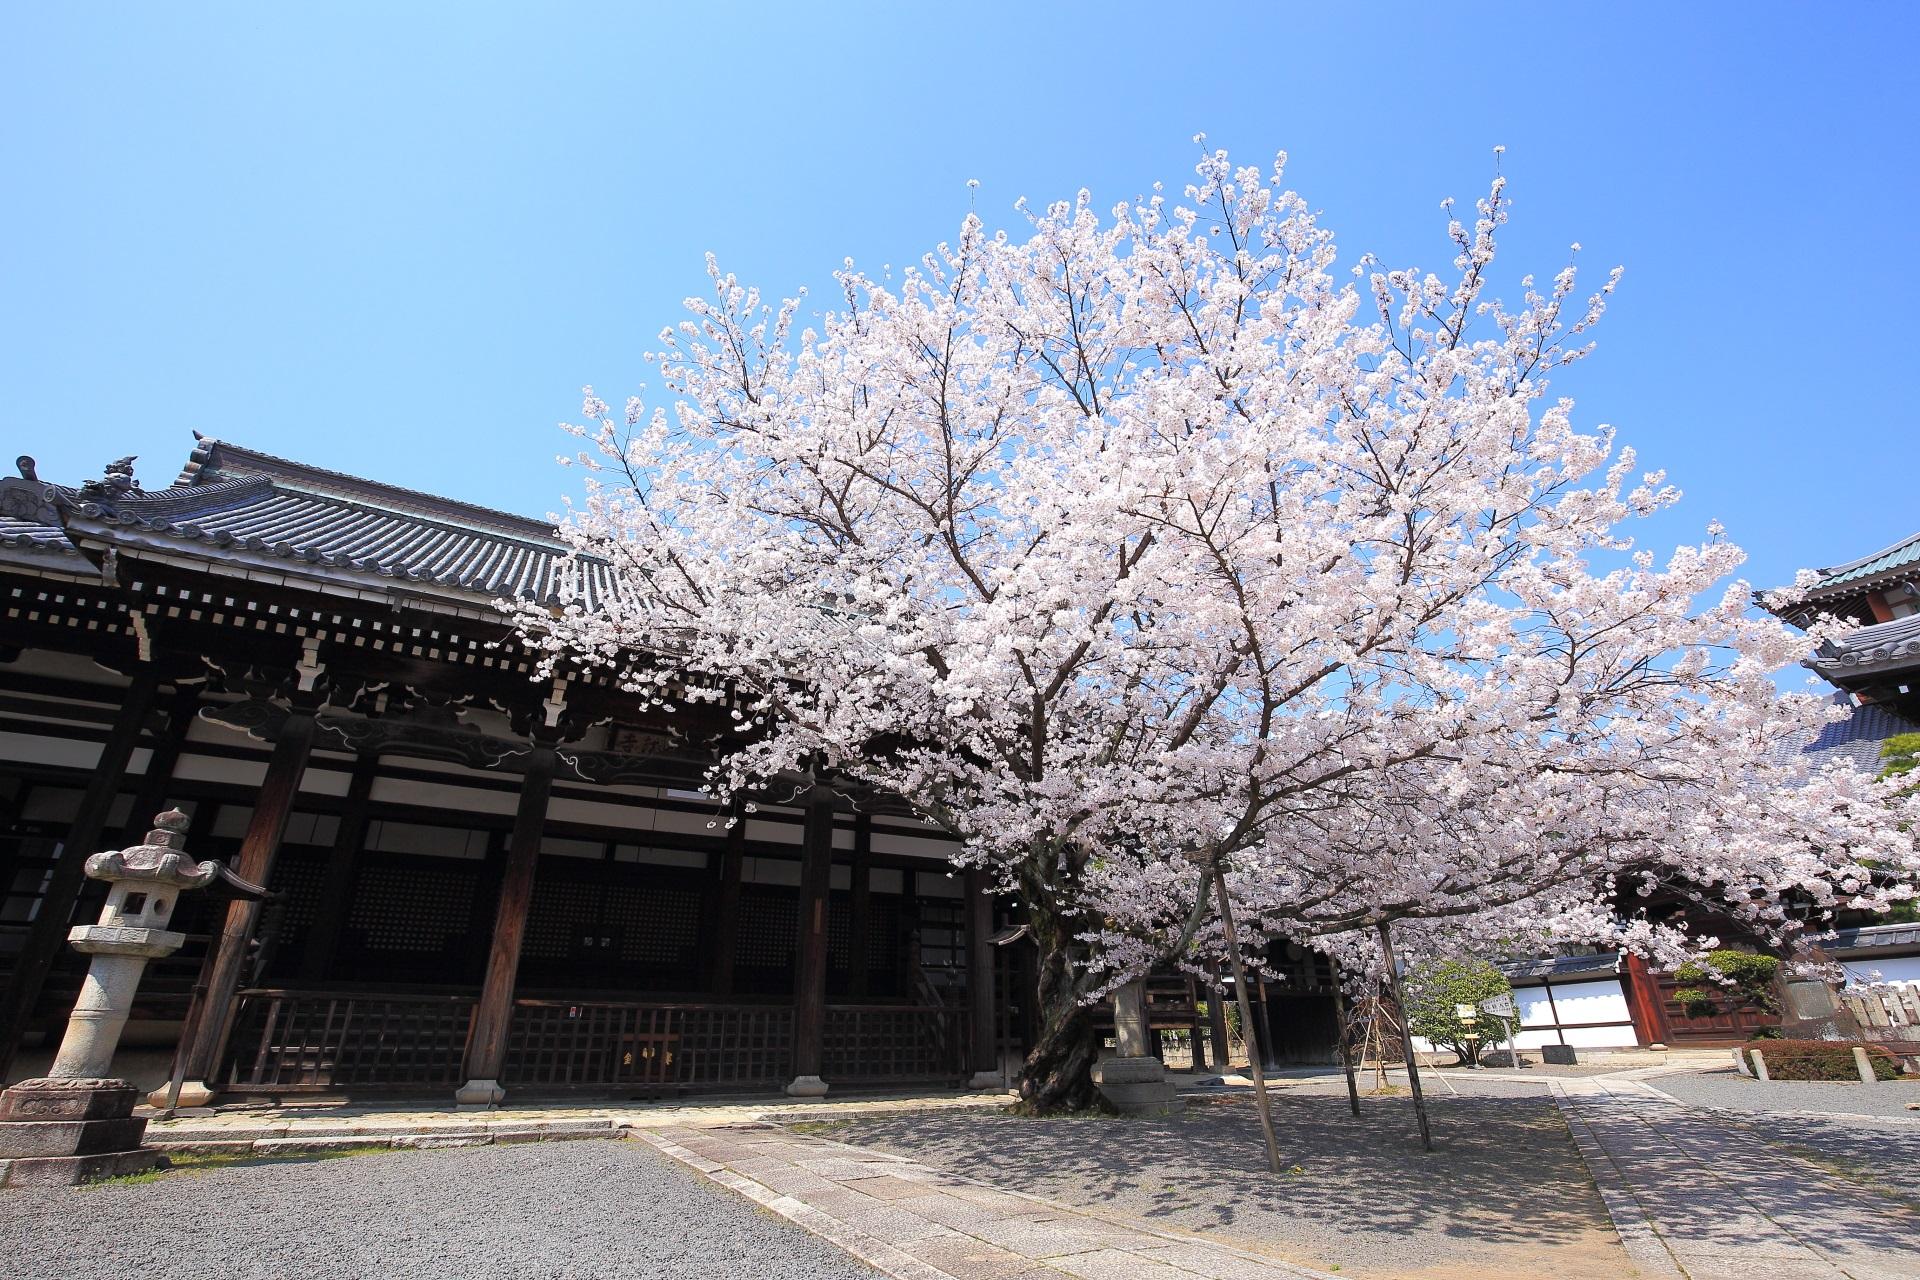 本法寺の本堂前の絵になる桜